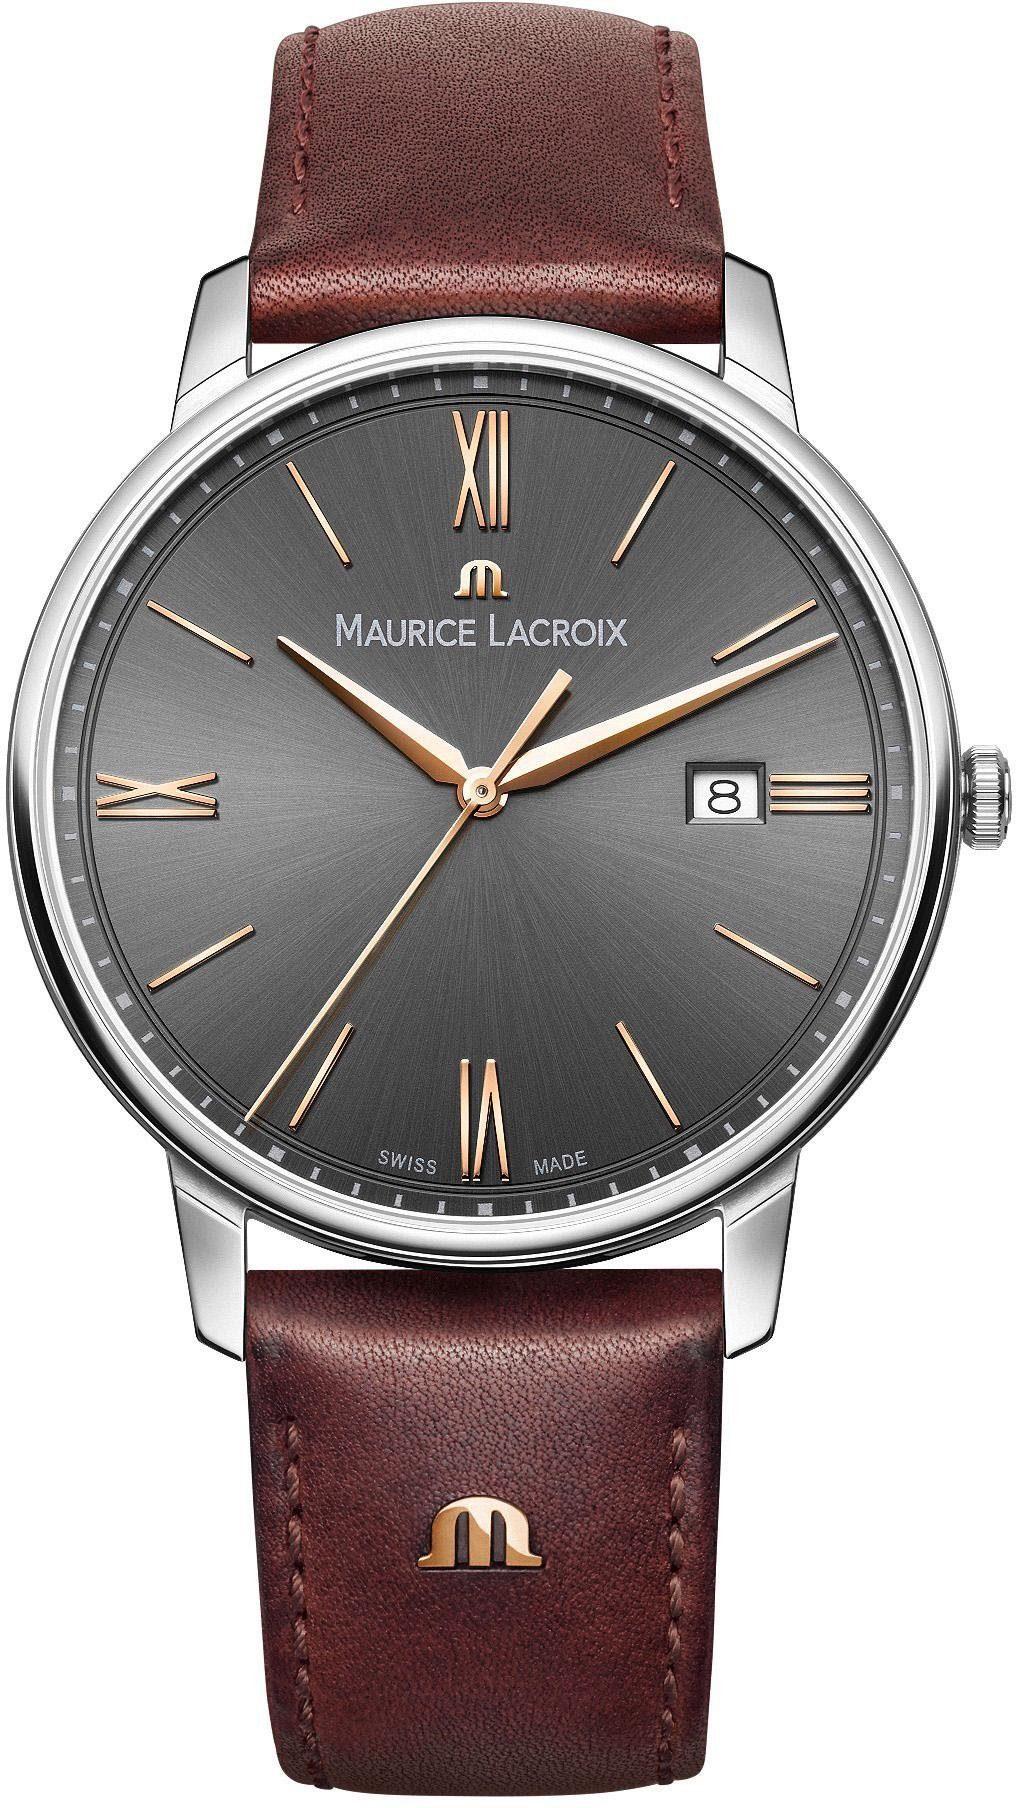 KaufenOtto Lacroix 311 Online Maurice Ss001 »elirosEl1118 Uhr Schweizer 1« vmN8ny0wOP